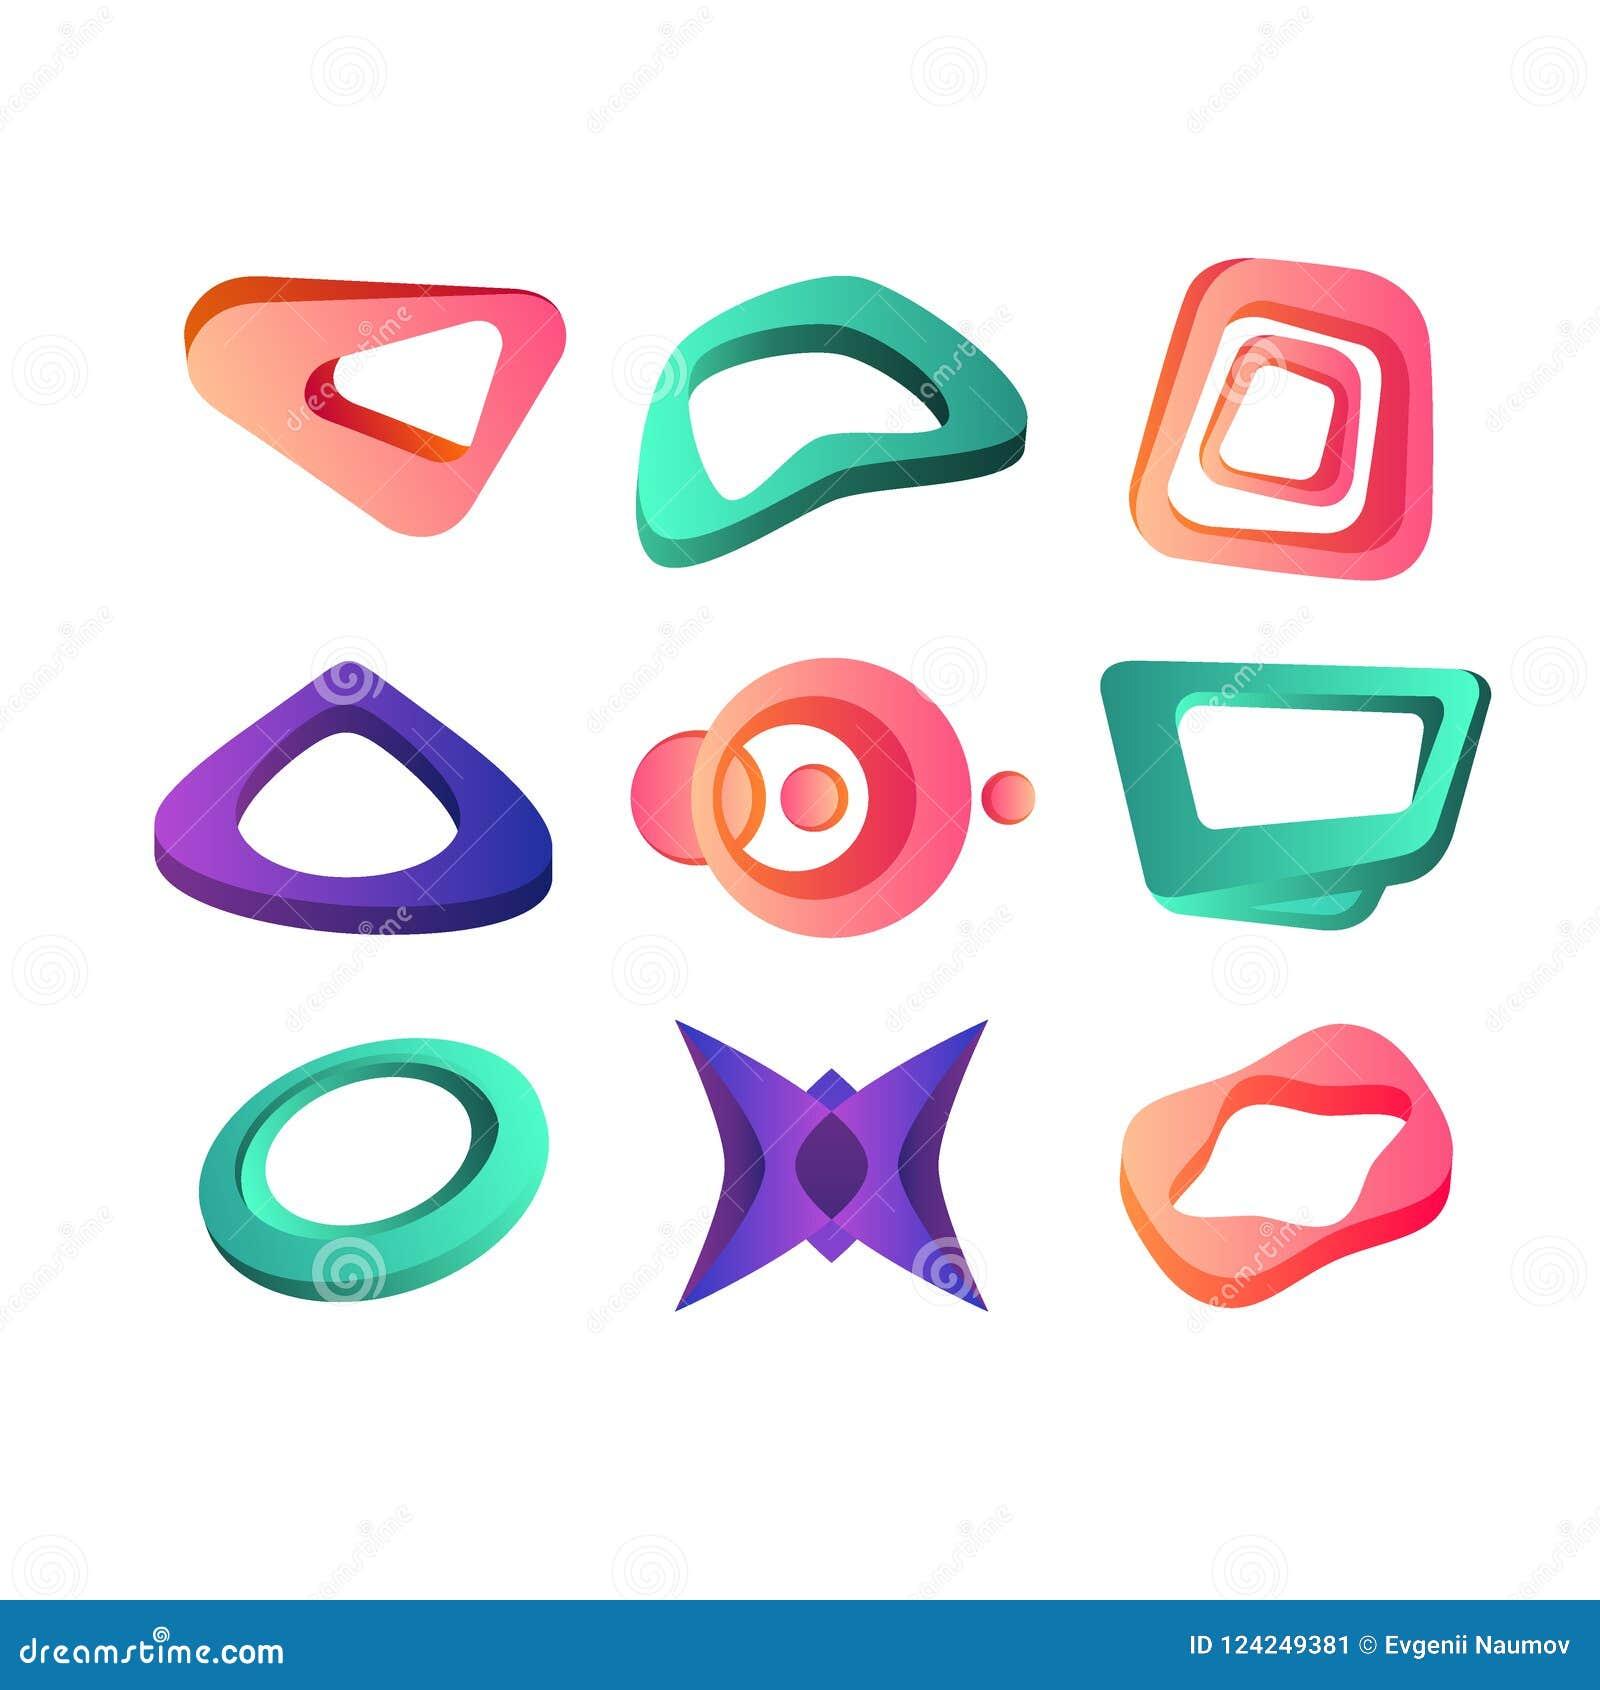 ead04b0b0 Las formas geométricas abstractas creativas modernas fijaron, las  plantillas del color para el cartel,